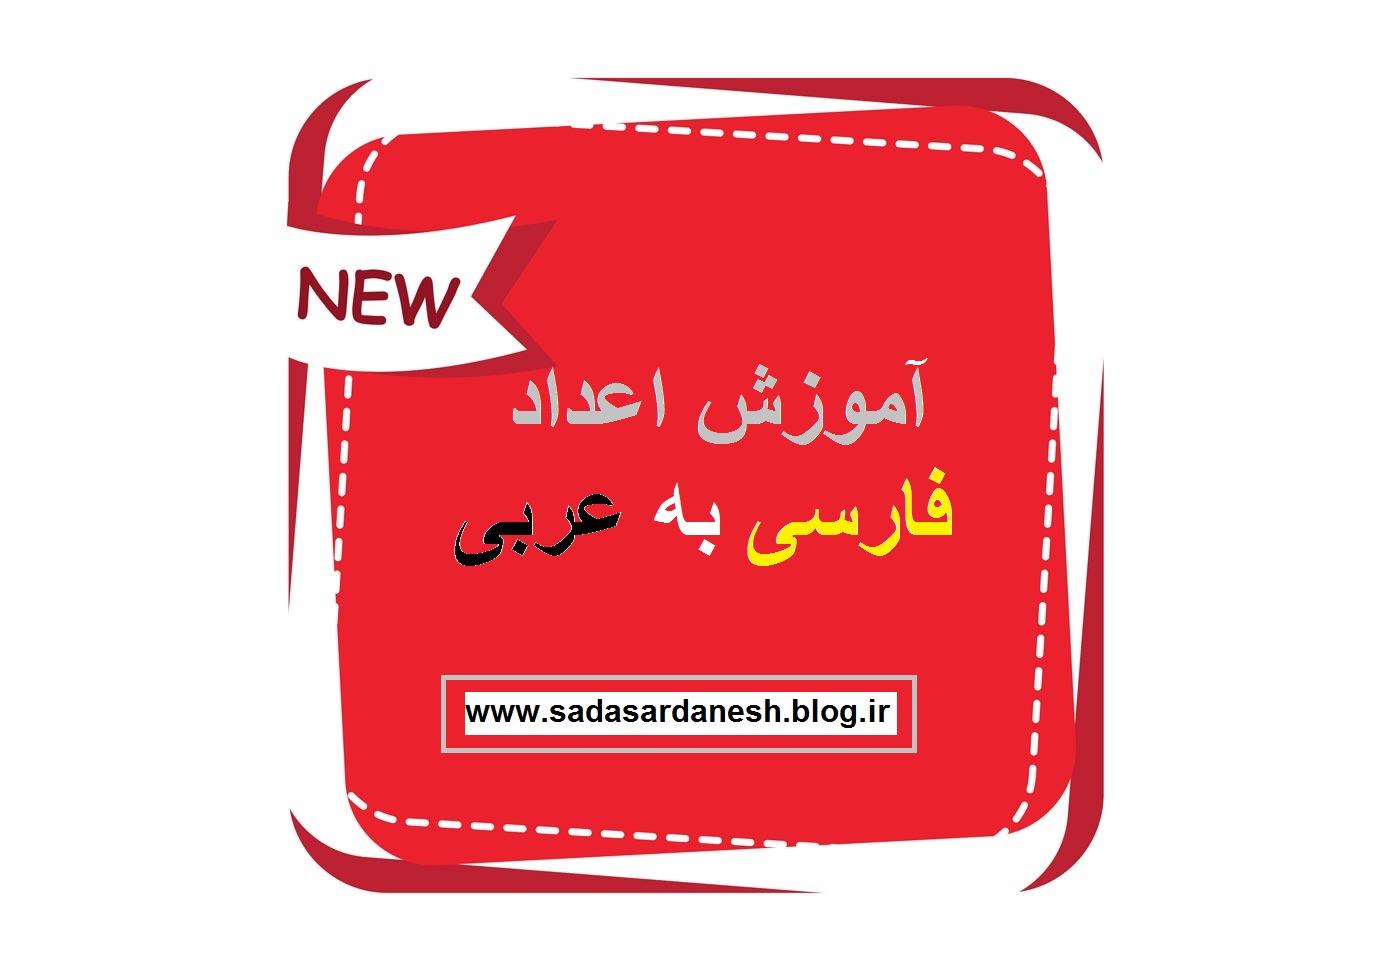 آموزش اعداد عربی